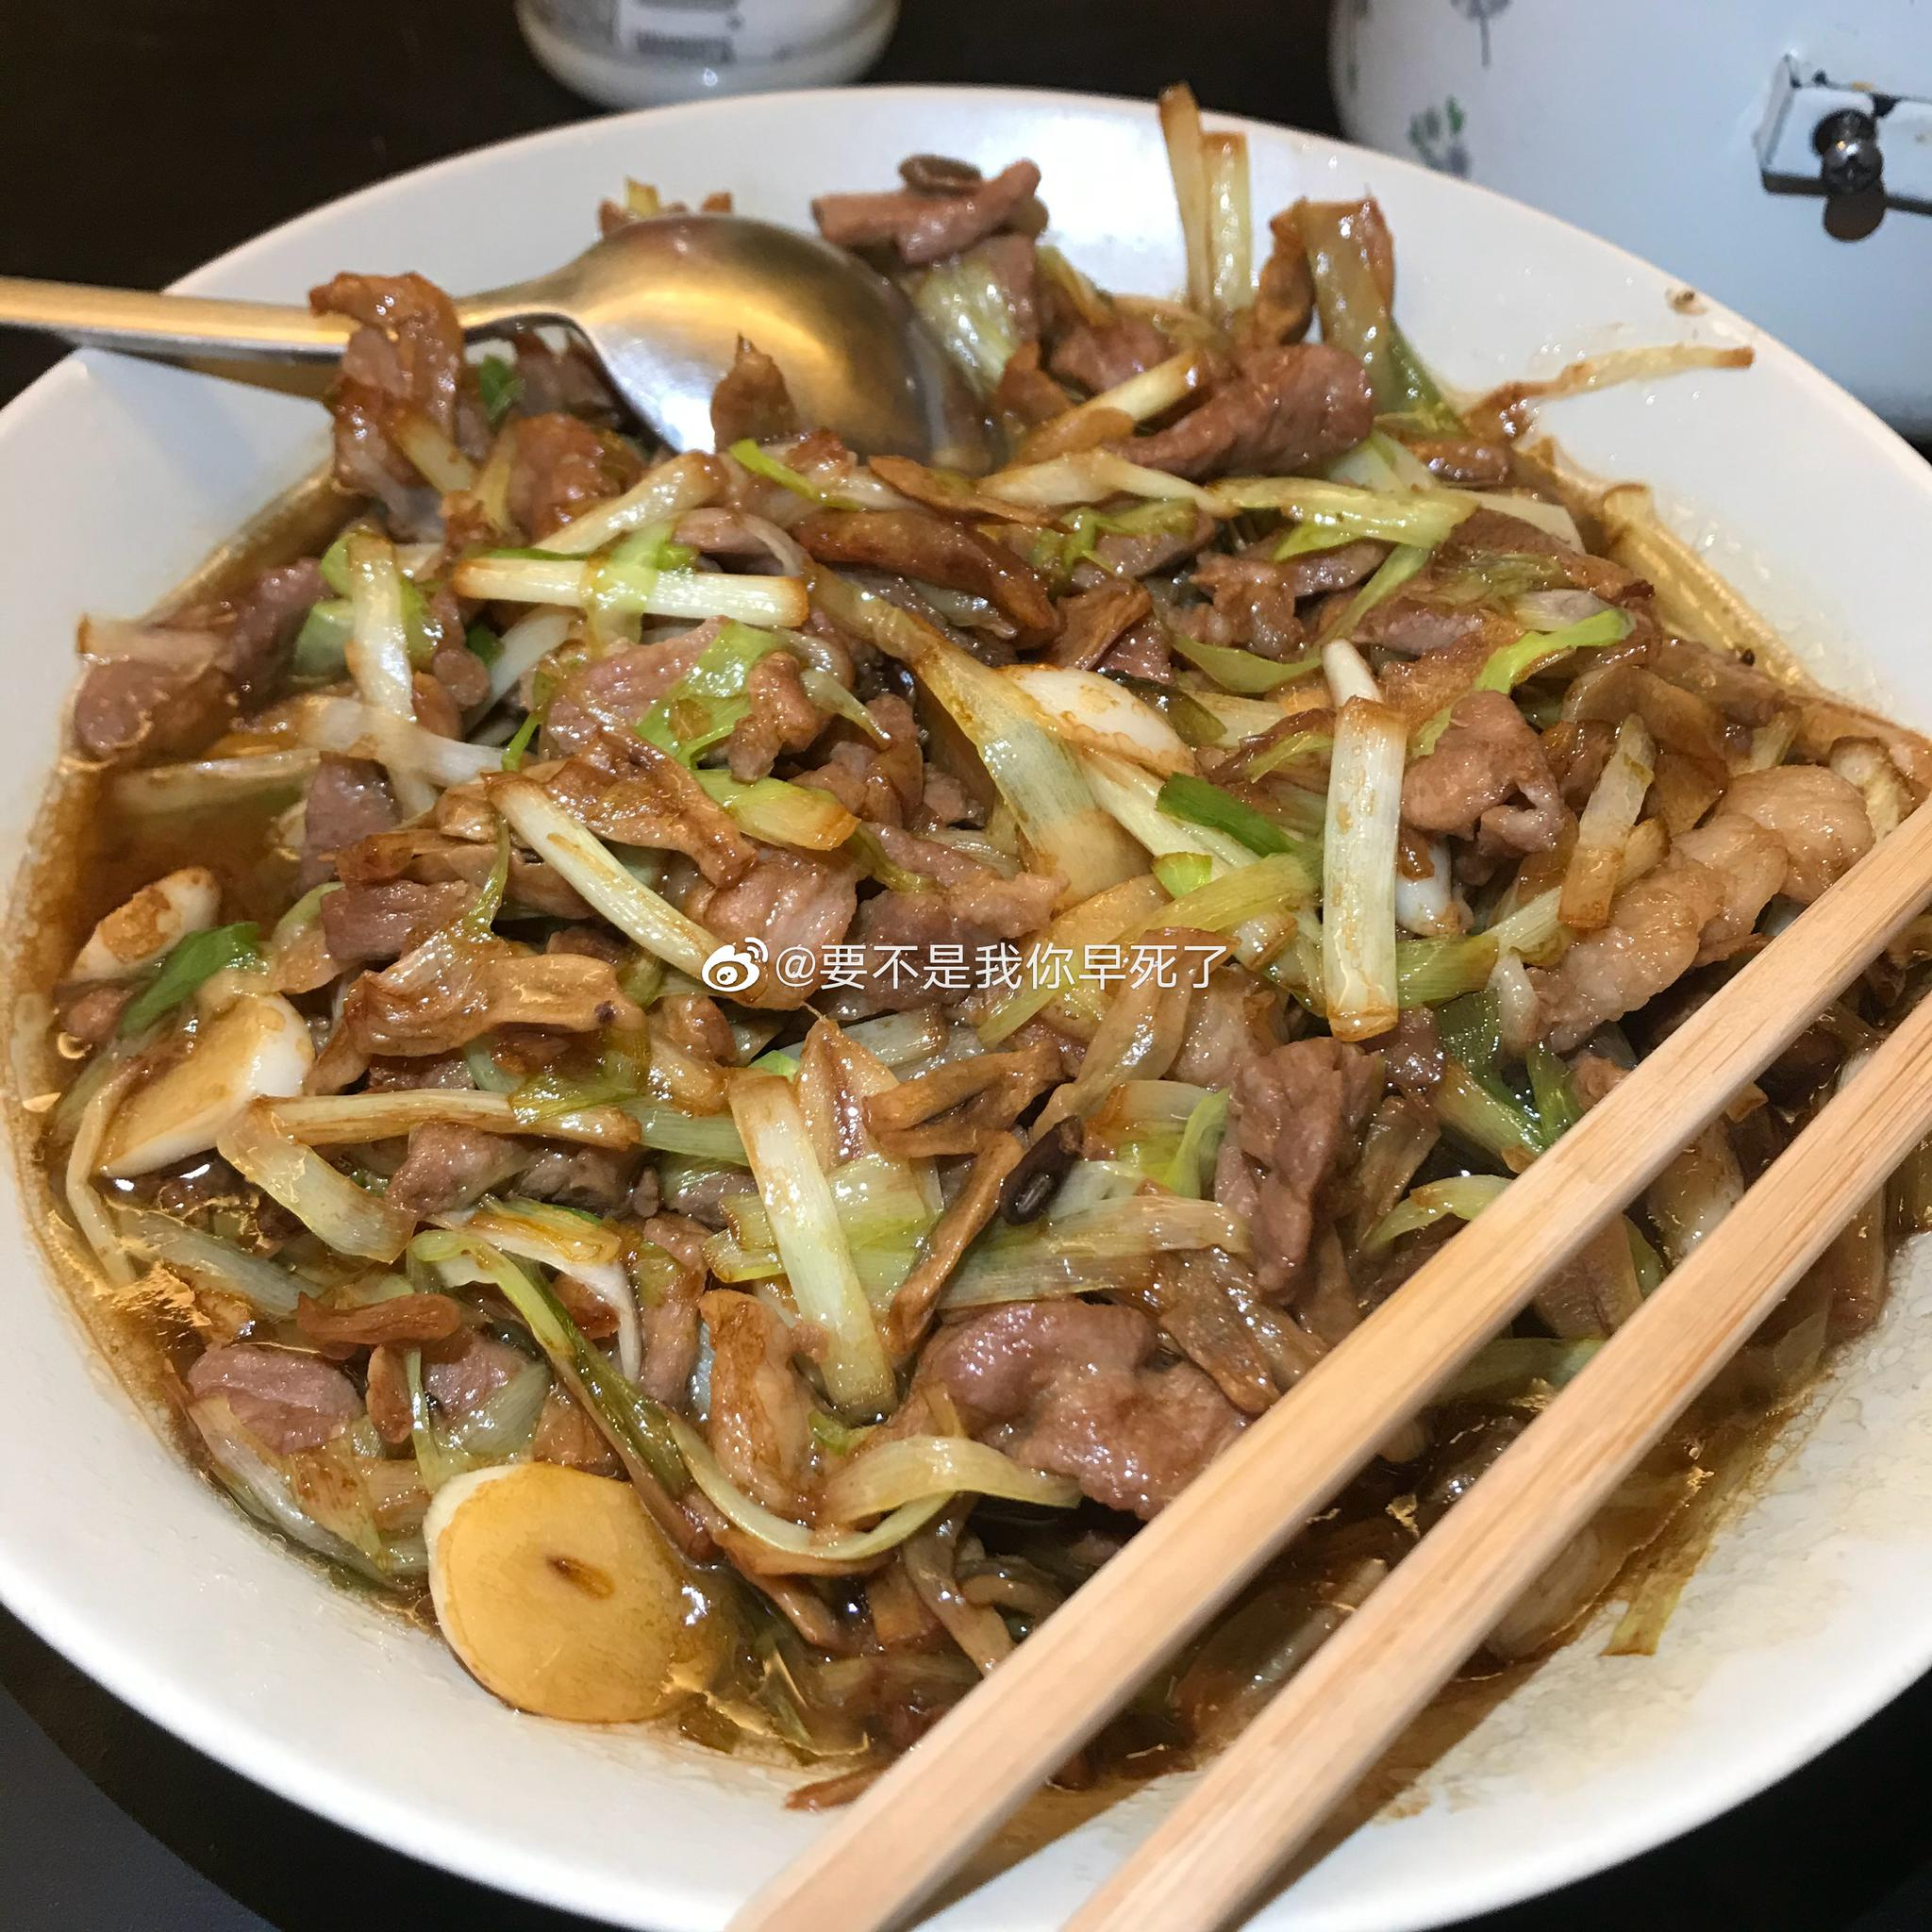 我的晚饭~韭黄炒肉,炒水白菜,紫菜蛋花汤~因为又没有剁辣椒